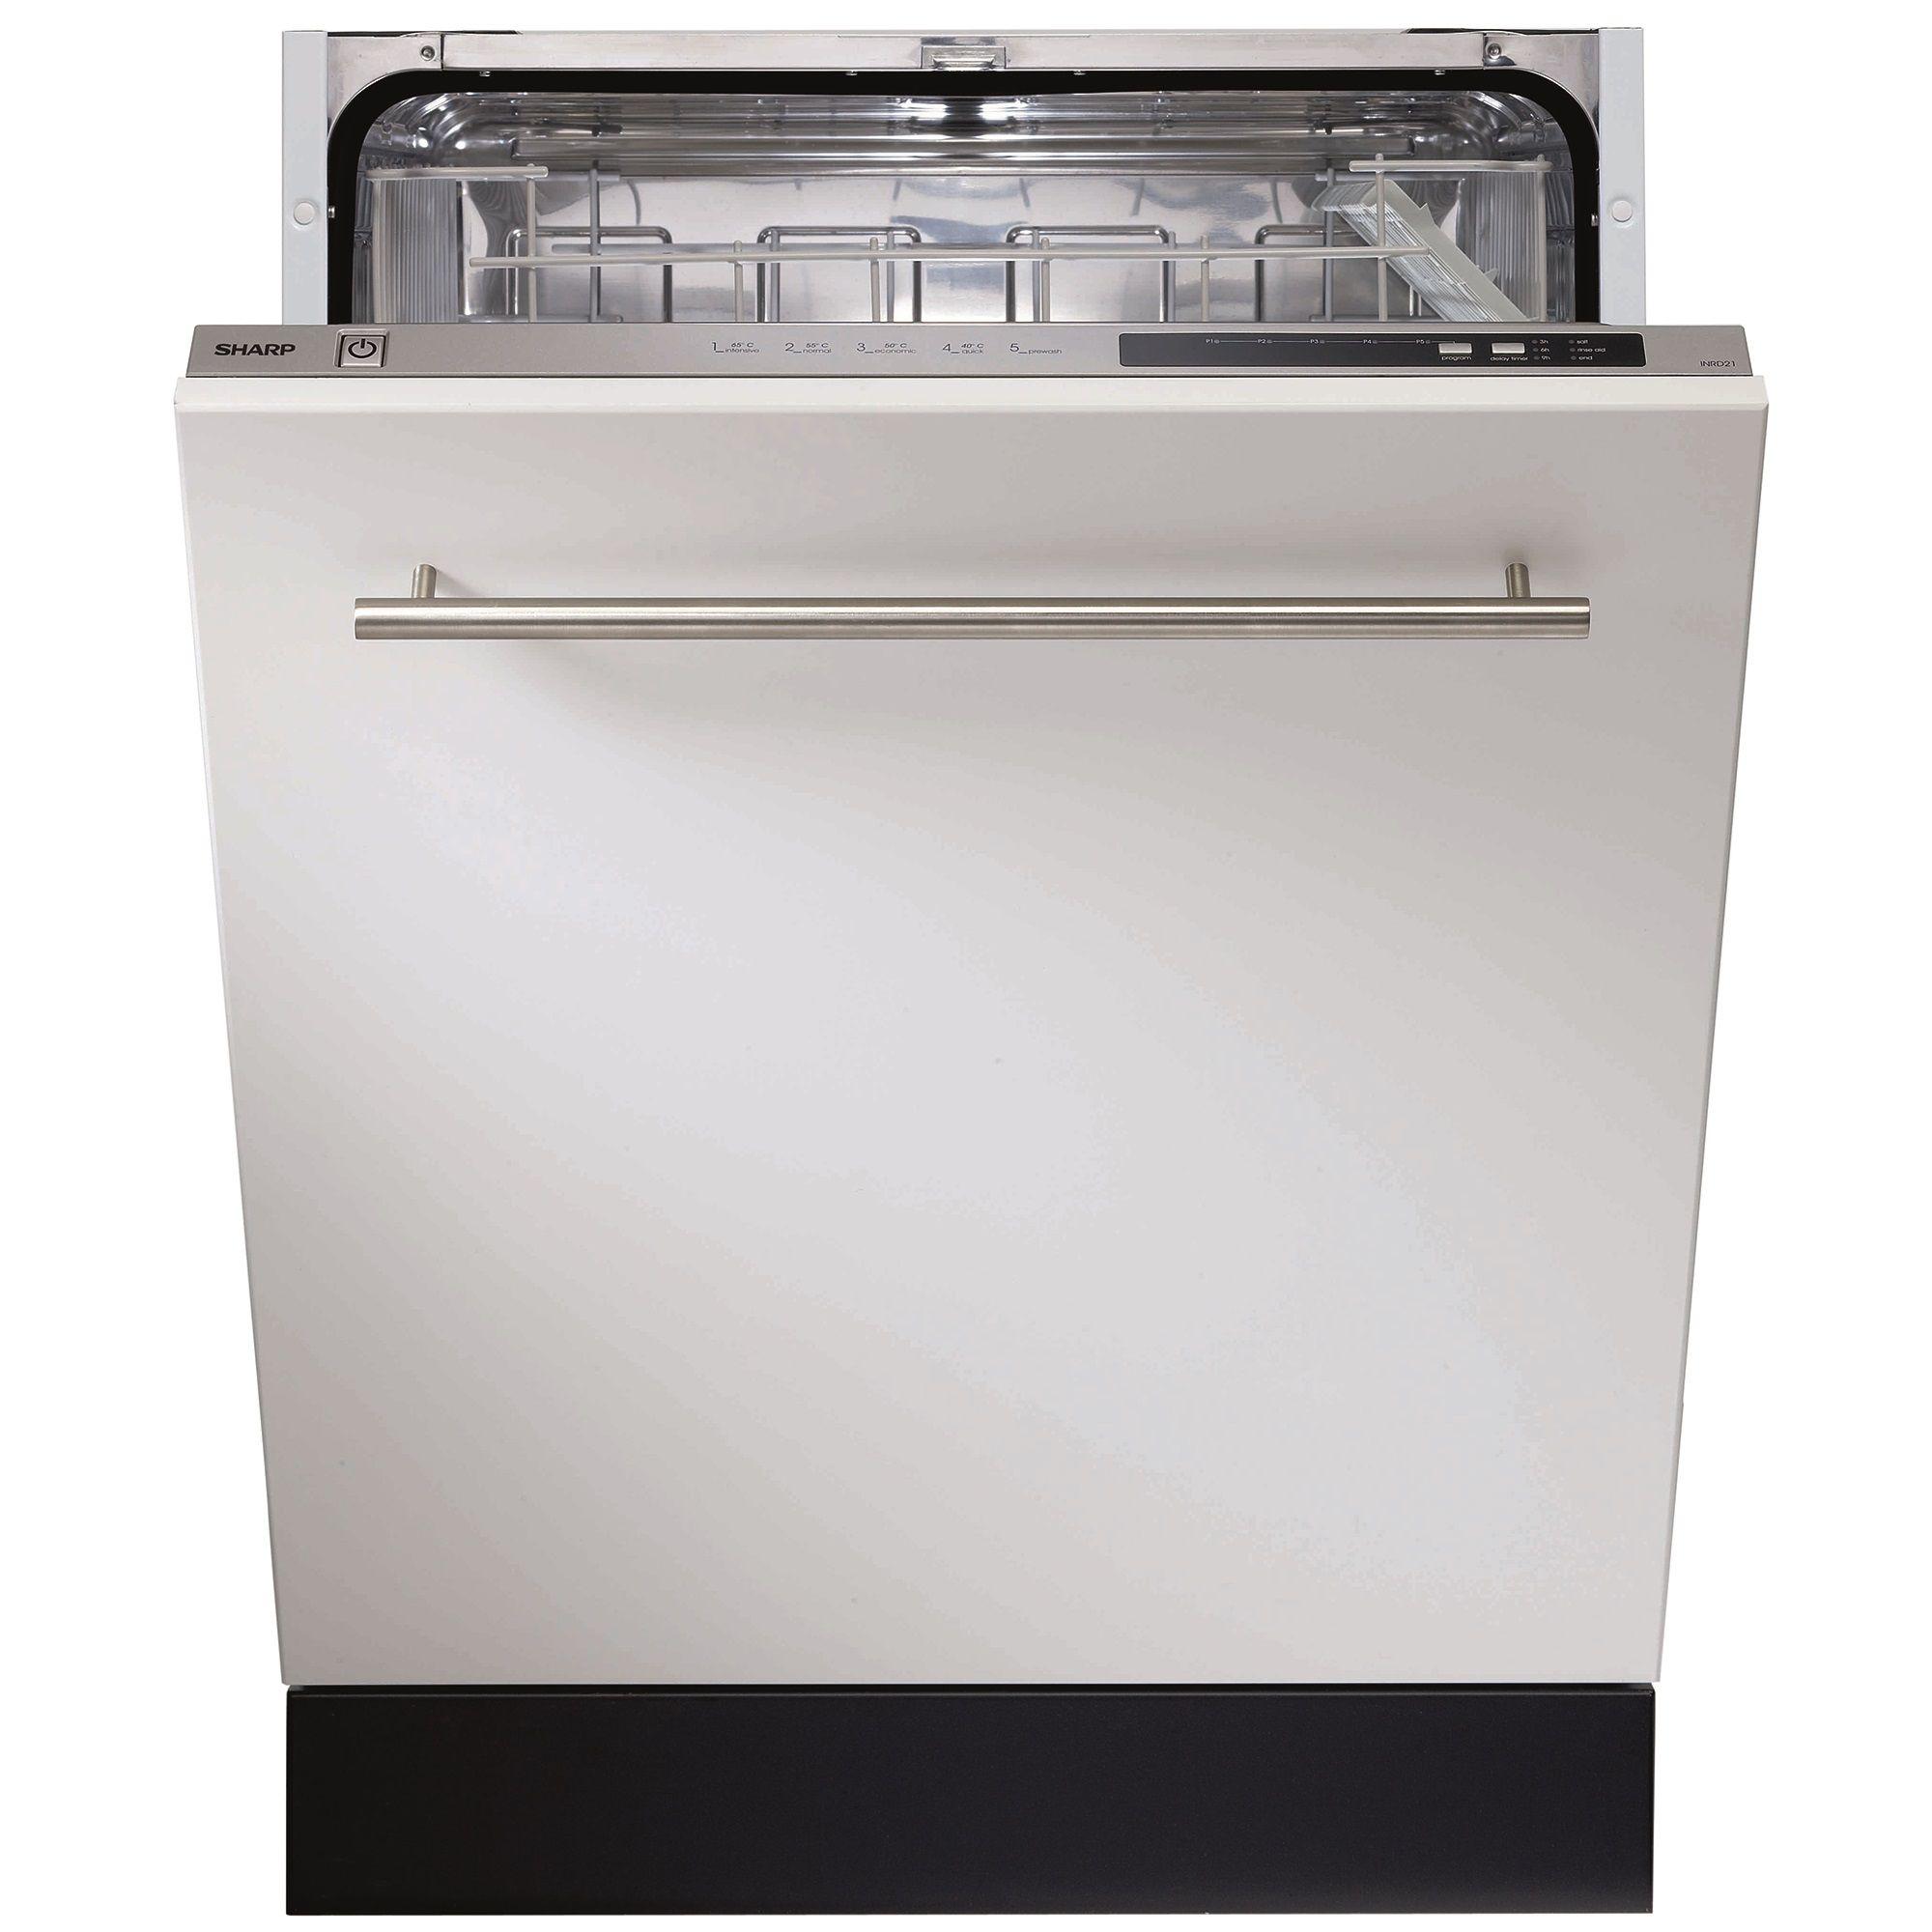 Mașina de spălat vase cu funcții Eco și care ucide bacteriile